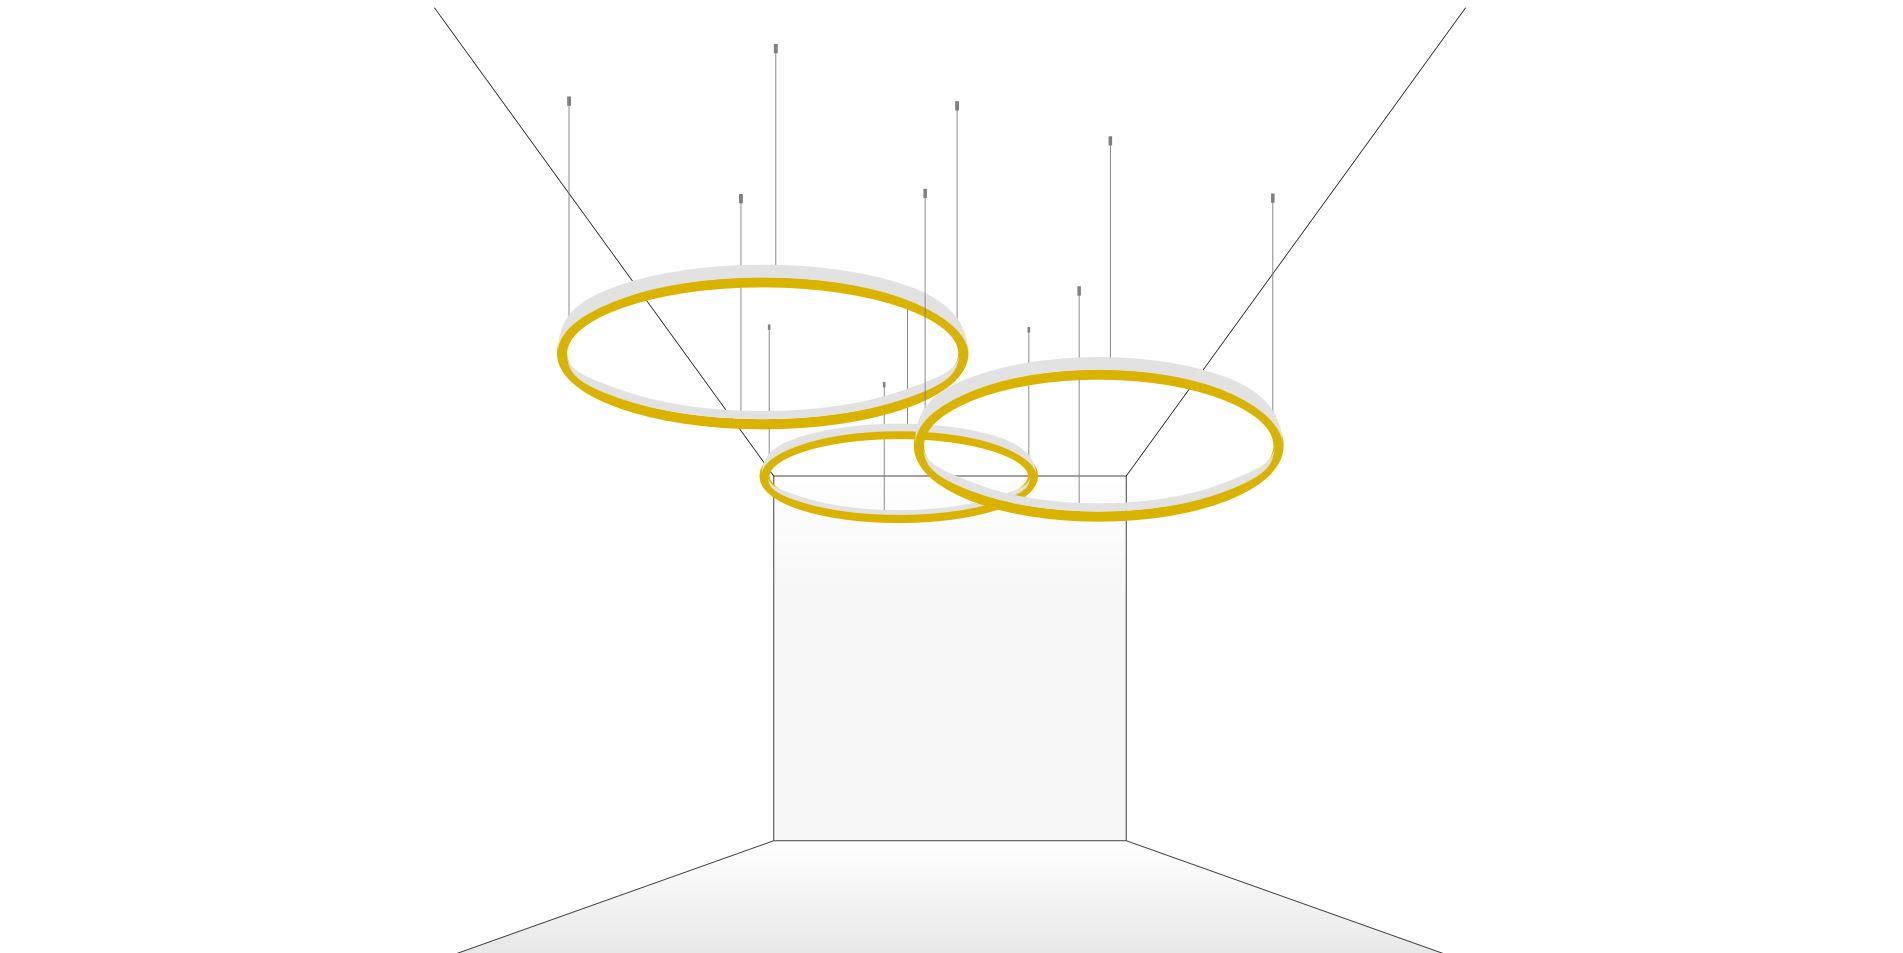 SML LED Ringleuchte Loyd Beispiel Anwenung